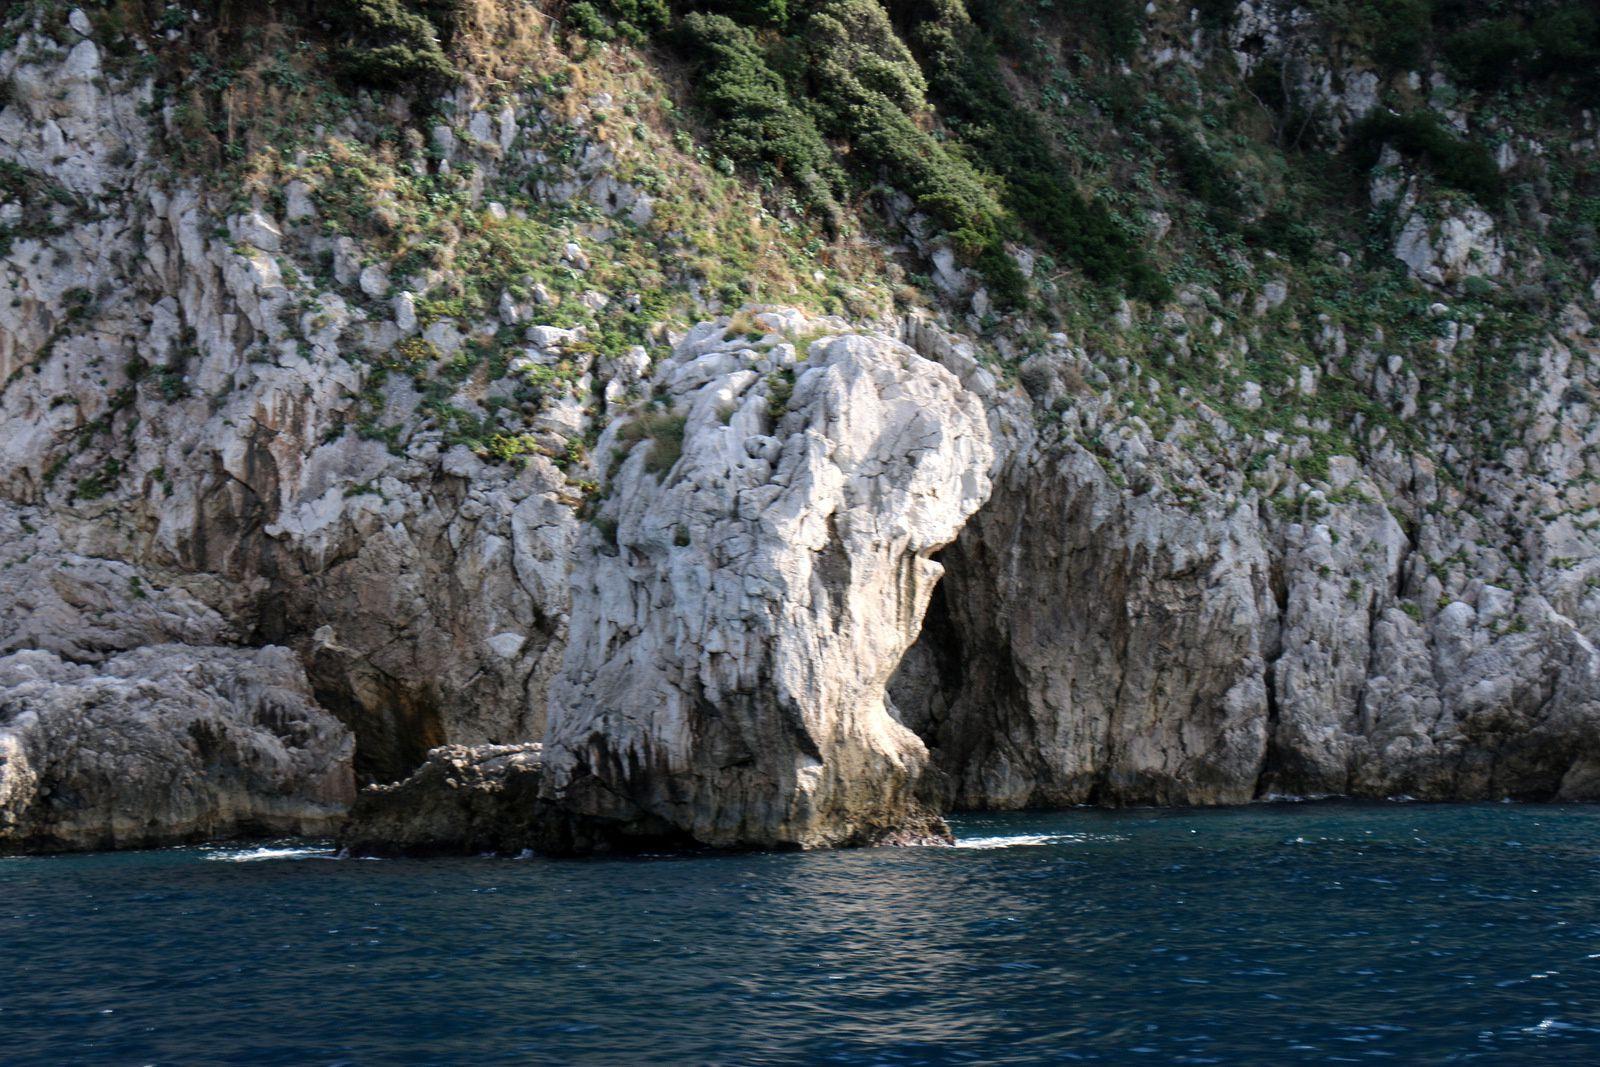 Départ pour le tour de l'île de Capri en bateau